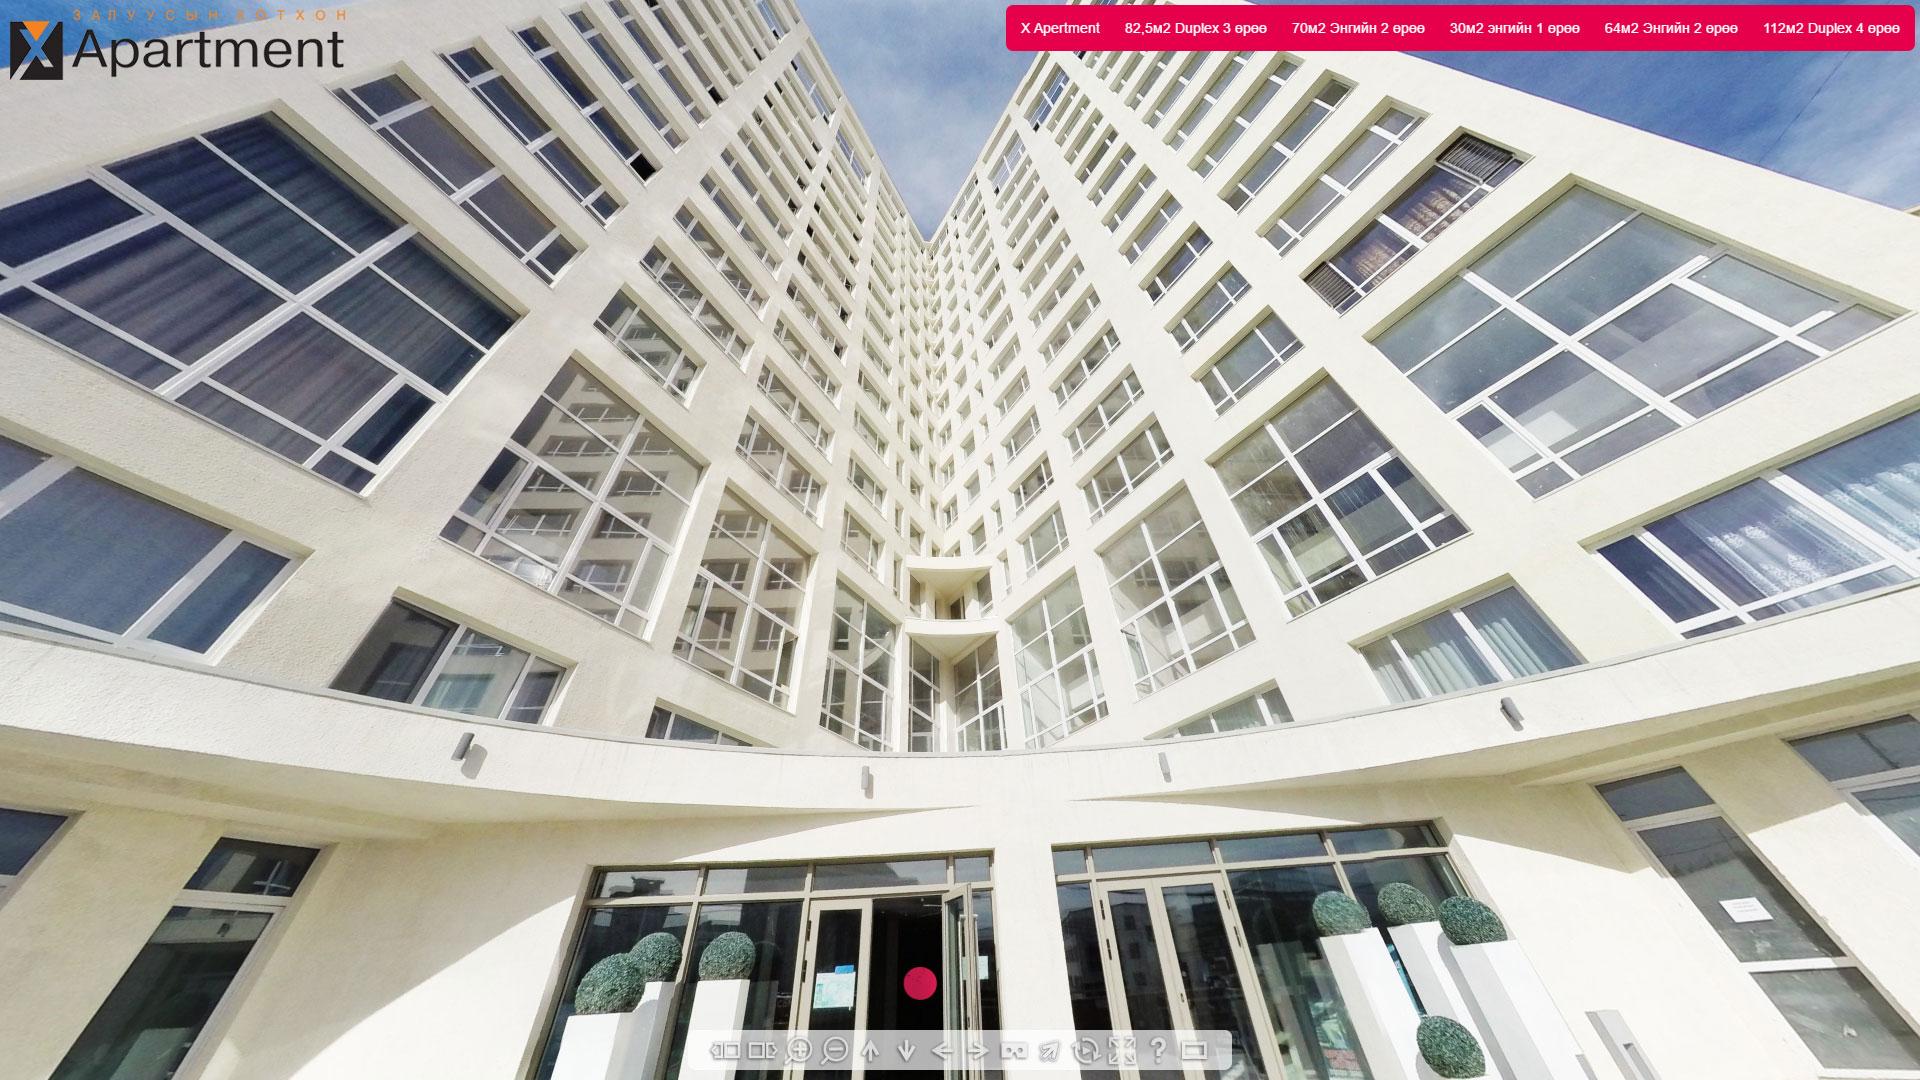 x-apartment1